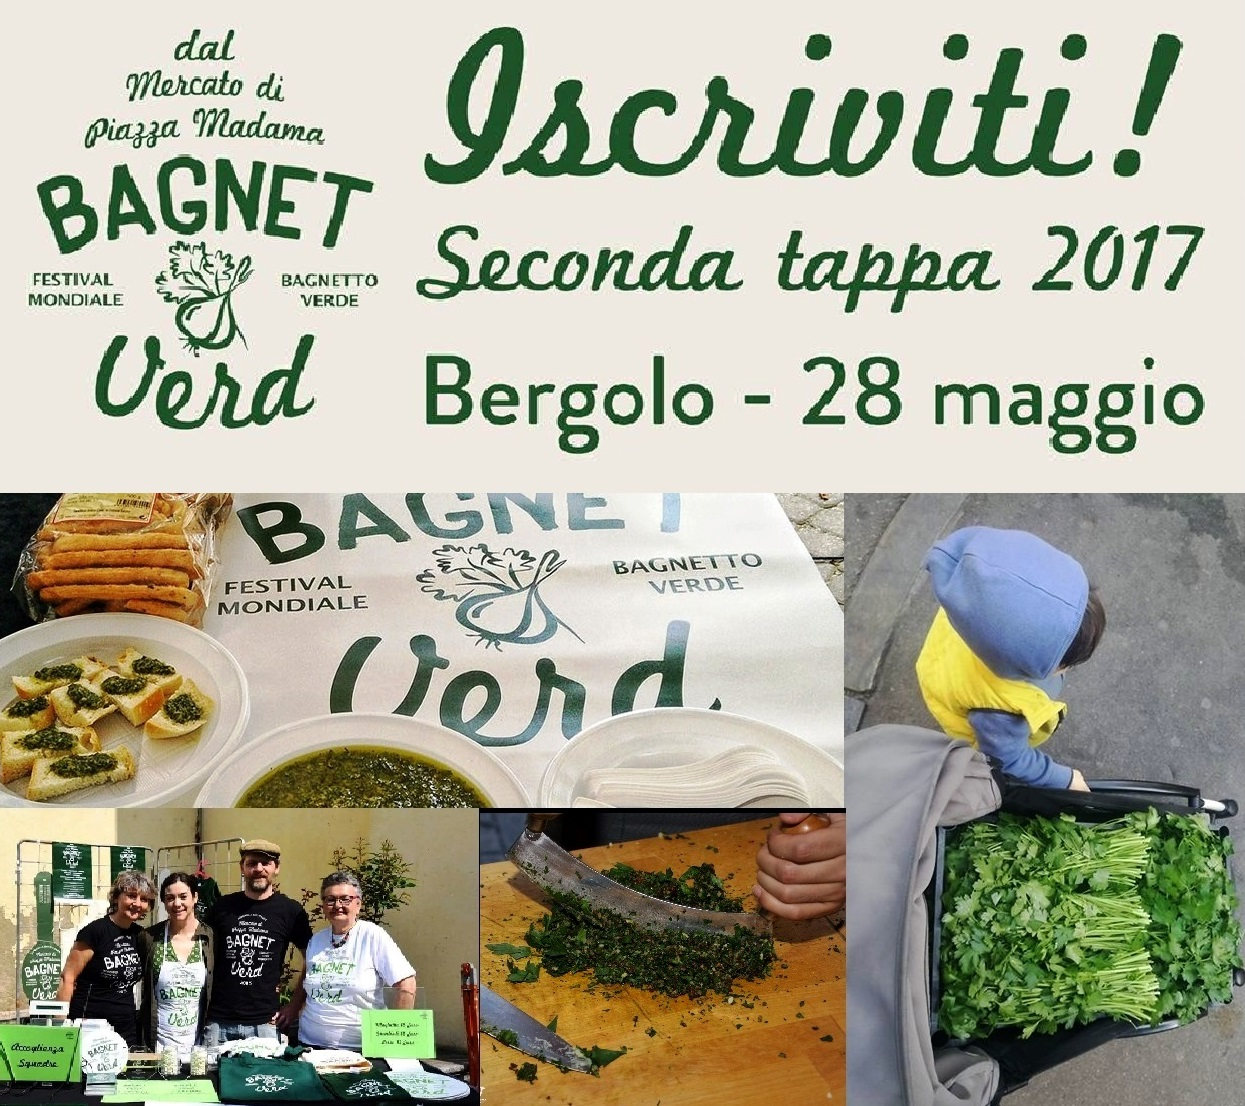 2017_05_10 Bagnet Verd 01